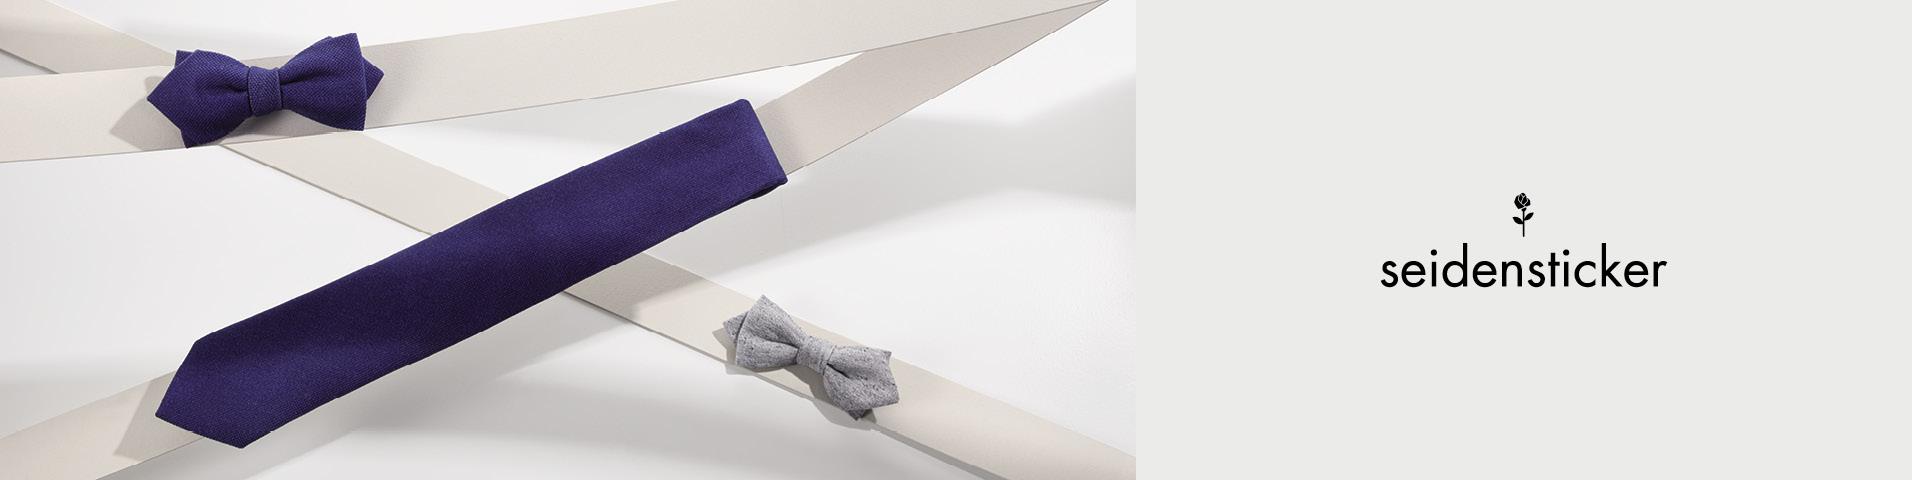 Cravatte e accessori | La collezione su Zalando